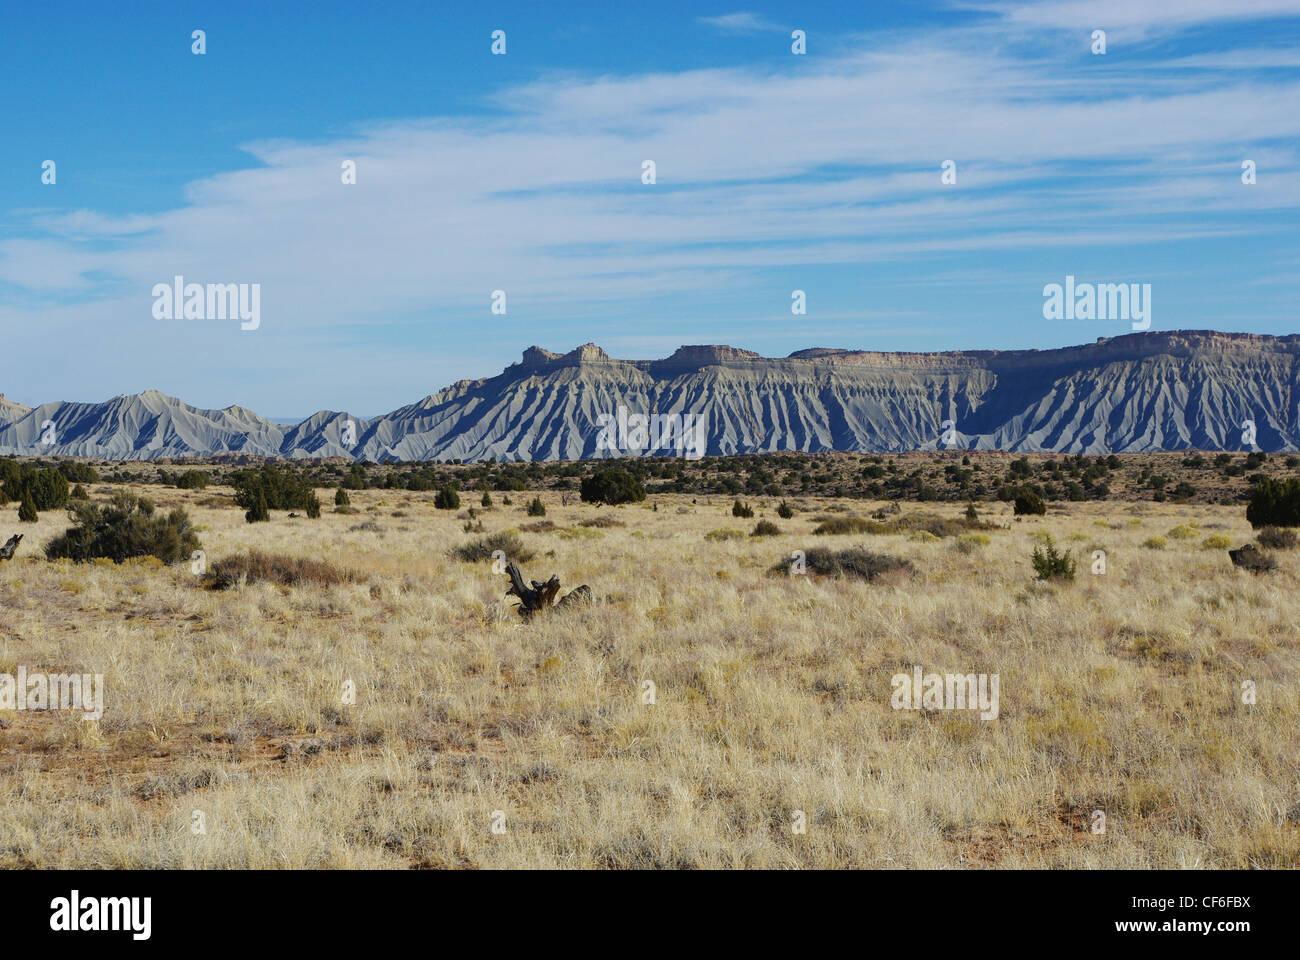 Desert and sandstone hills near Notom, Utah - Stock Image